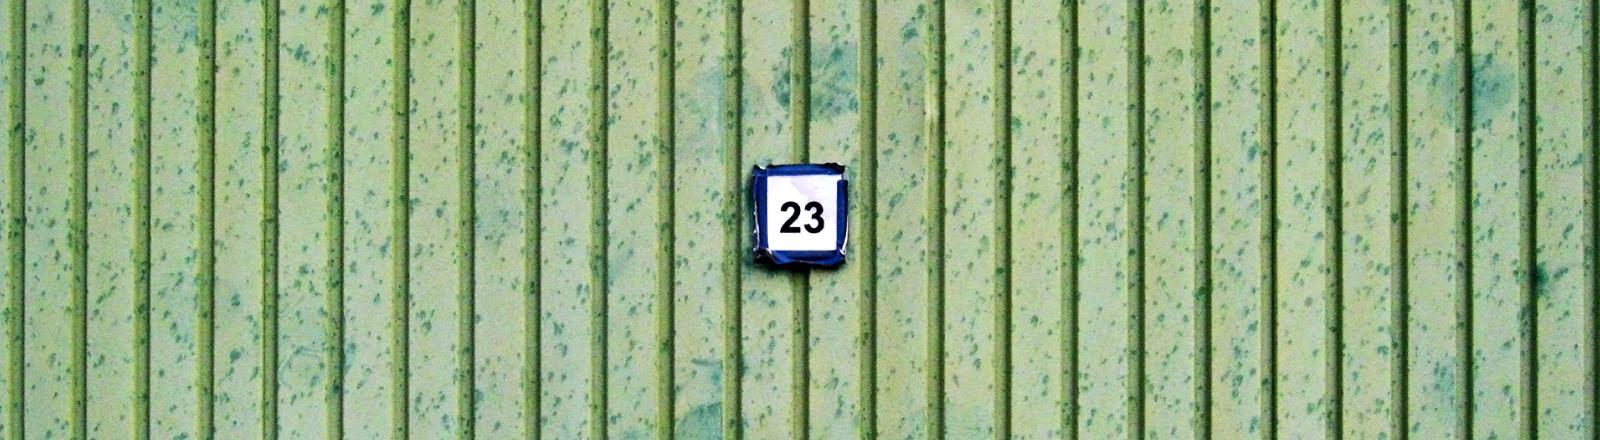 Auf einer grünen Wand hängt ein Schild, auf dem 23 steht.